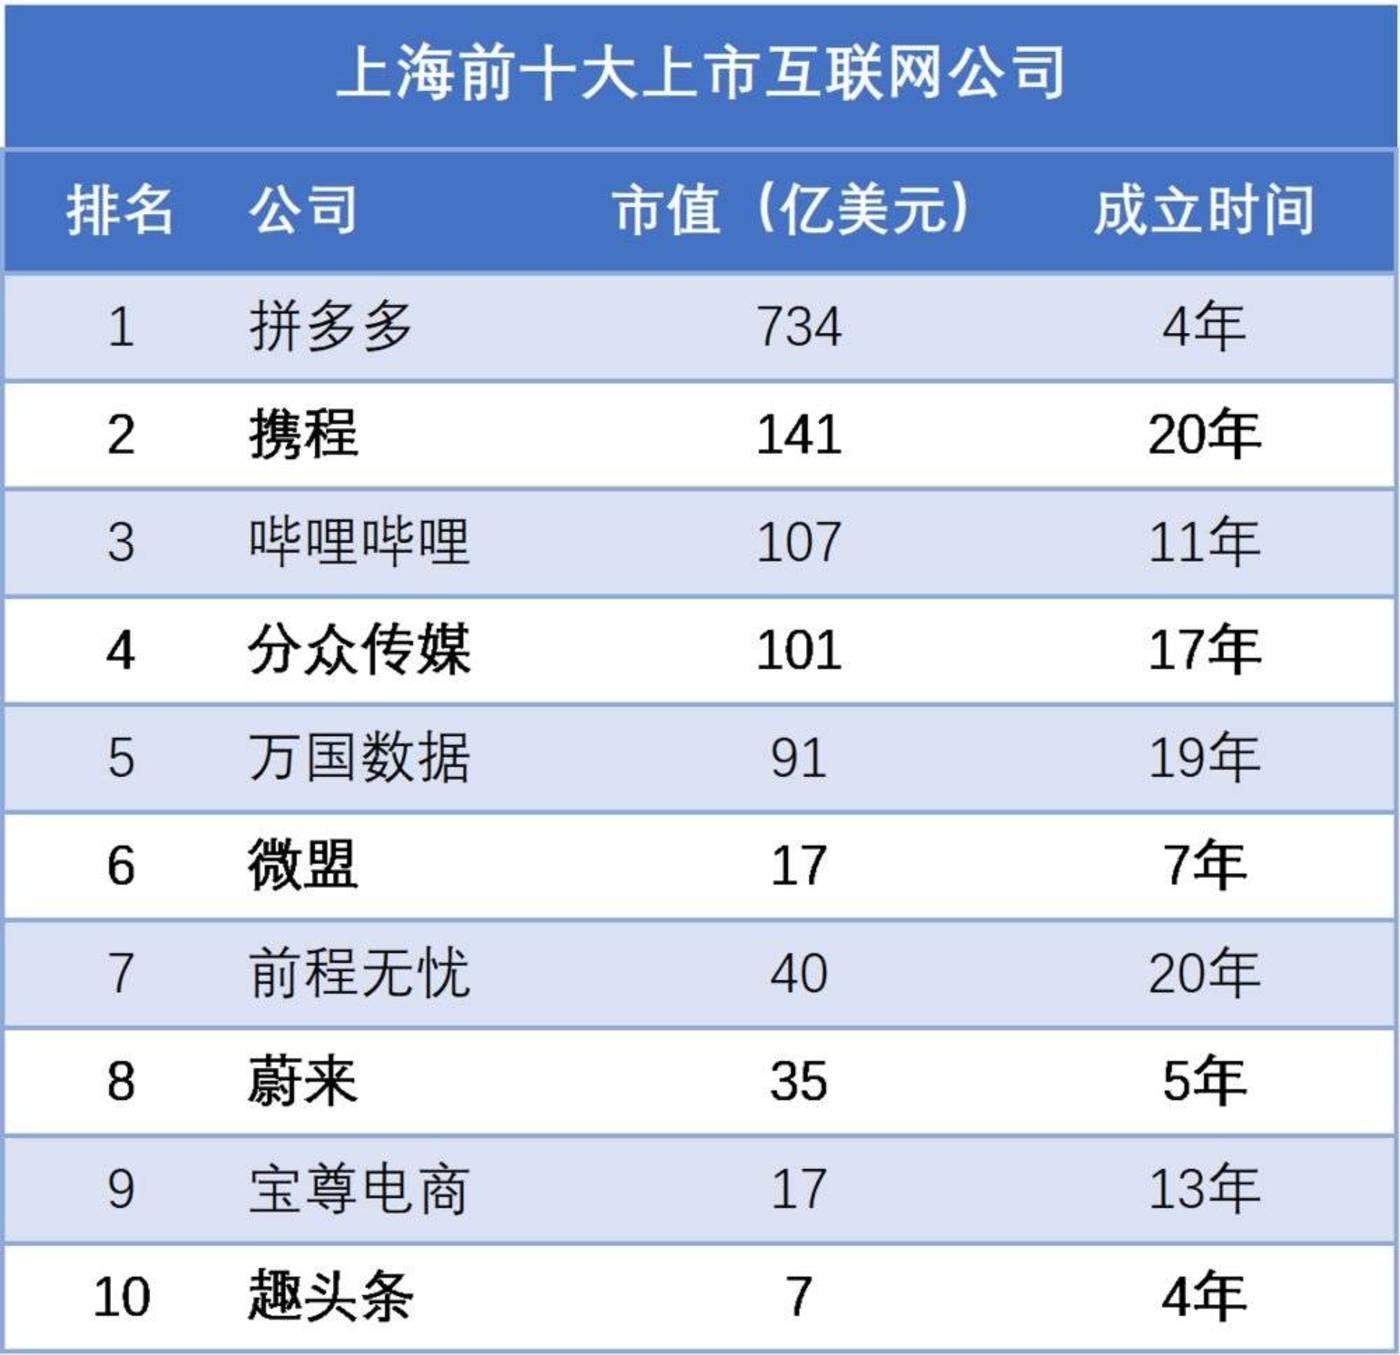 拼多多、B站带飞,上海互联网终于要崛起了?-有朝壹日